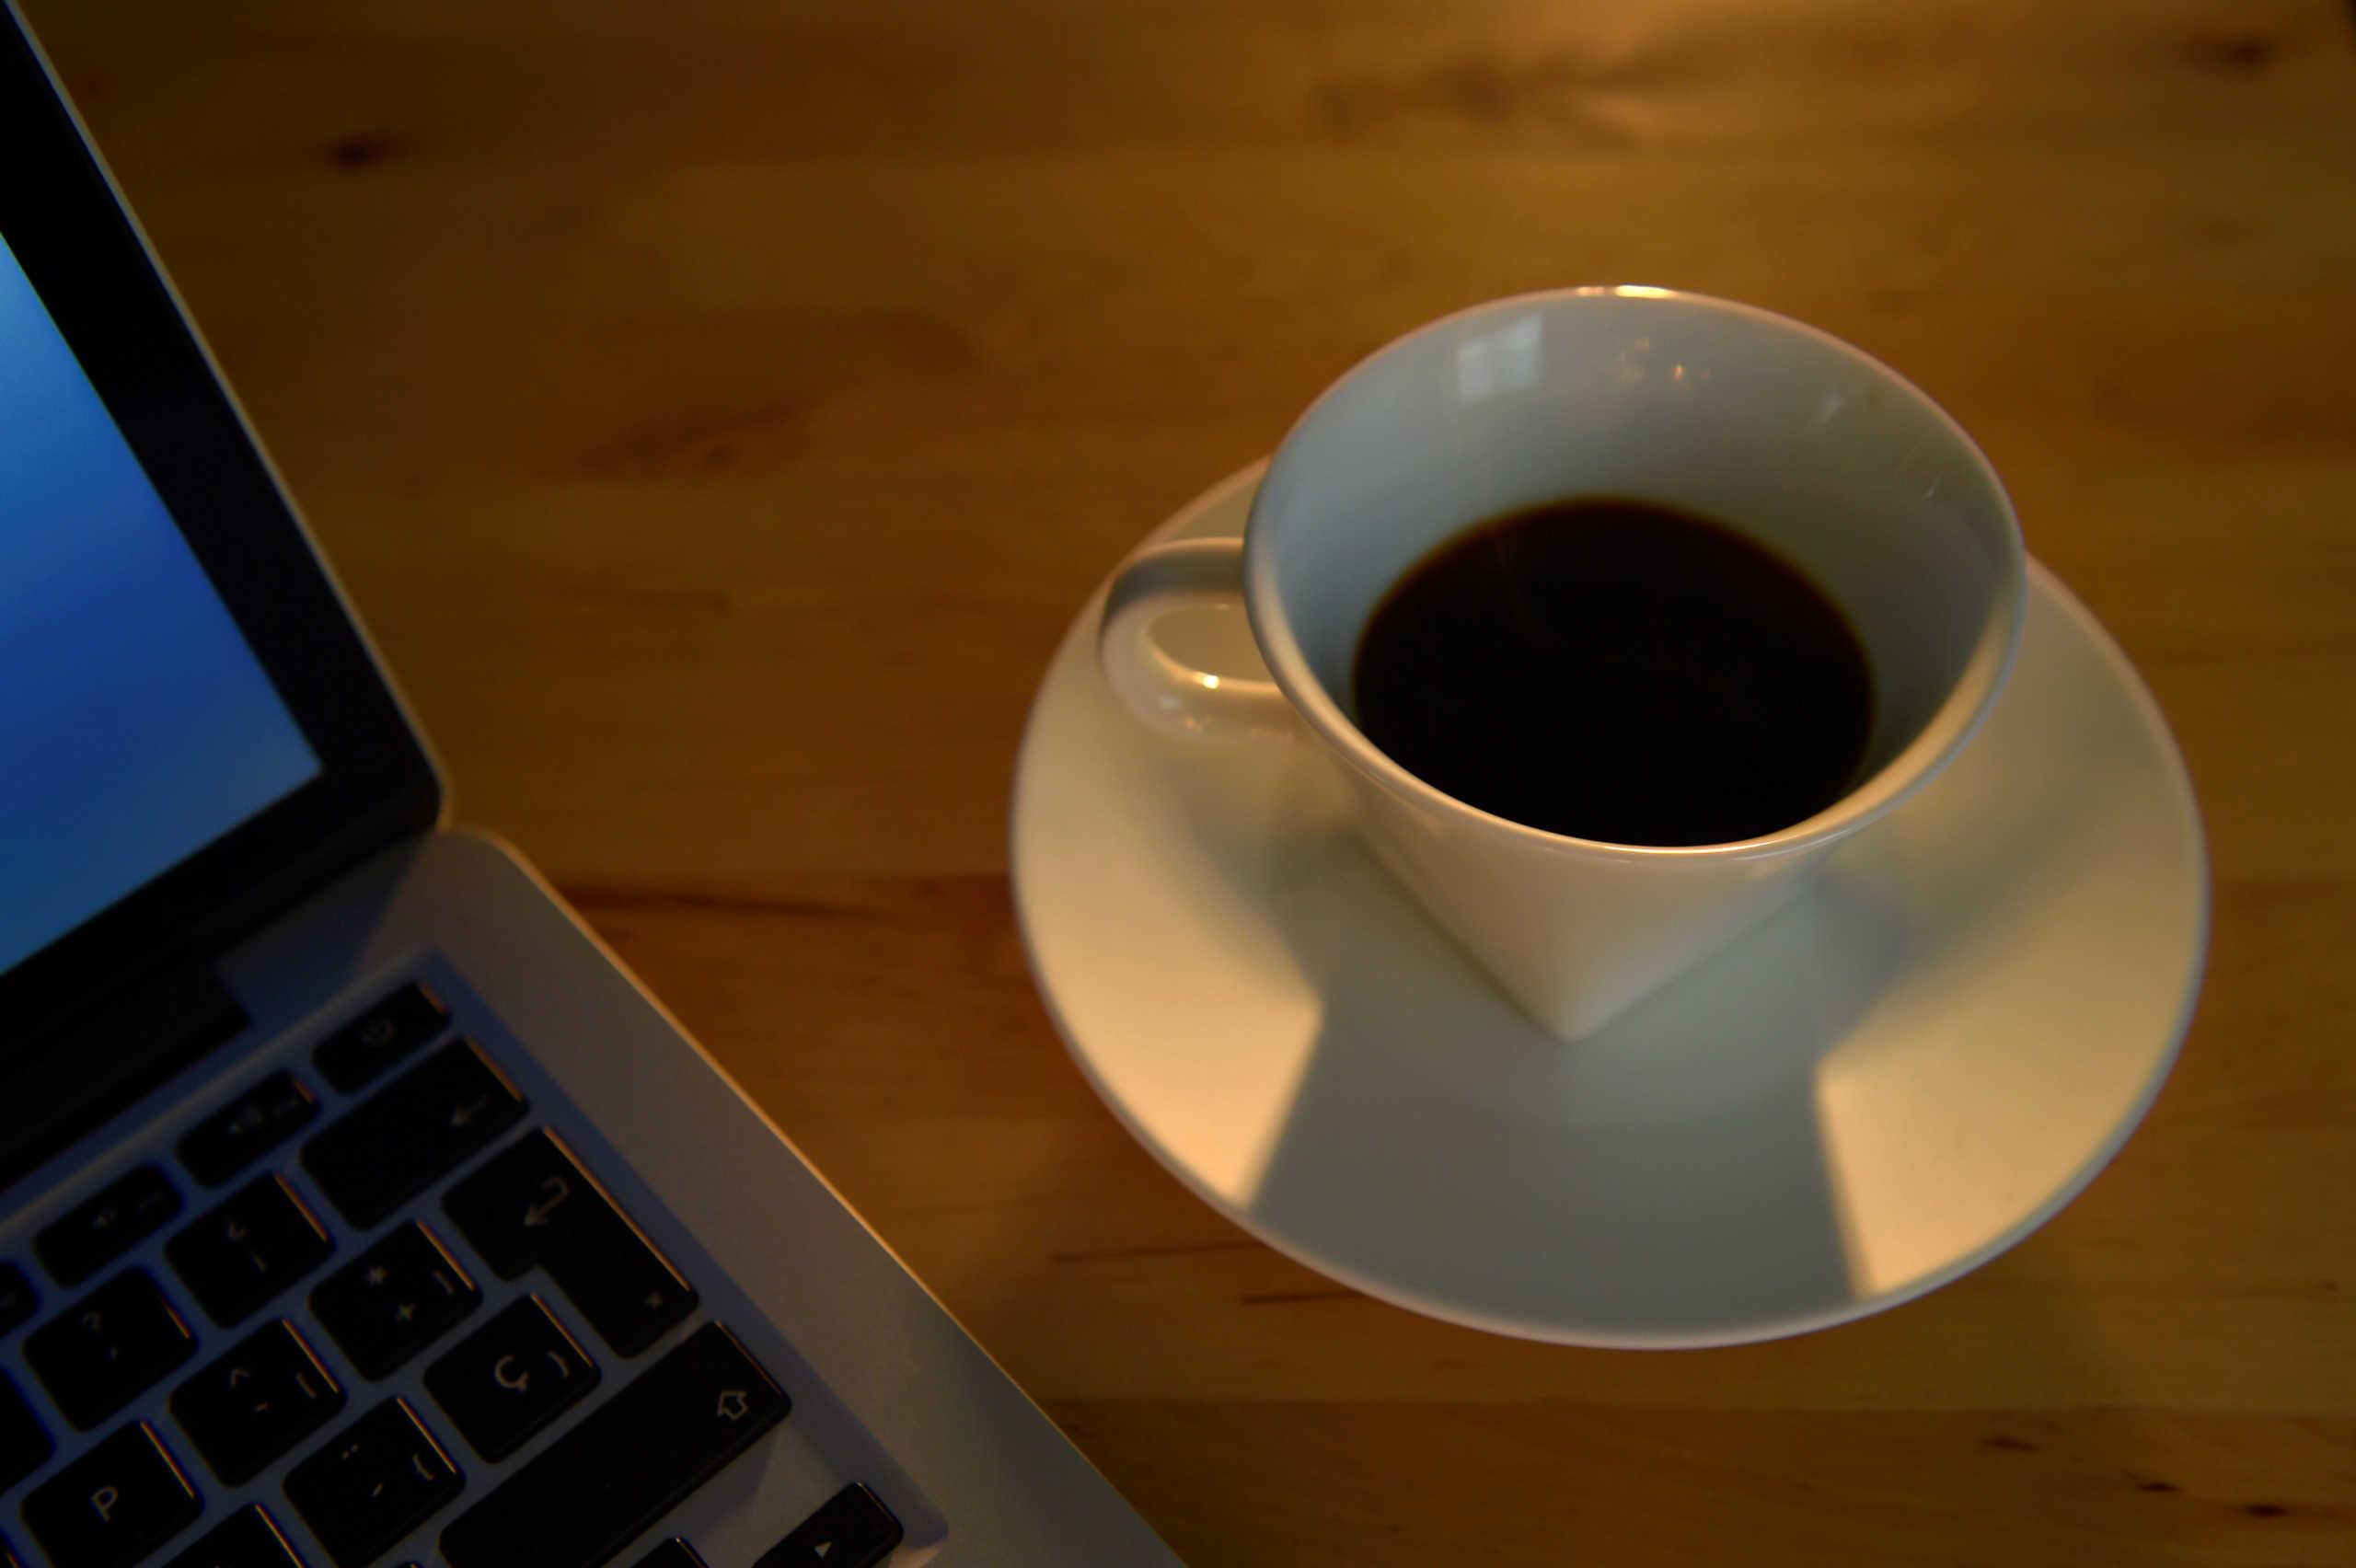 Οι διαβητικοί που πίνουν καθημερινά καφέ και πράσινο τσάι έχουν μικρότερο κίνδυνο θανάτου